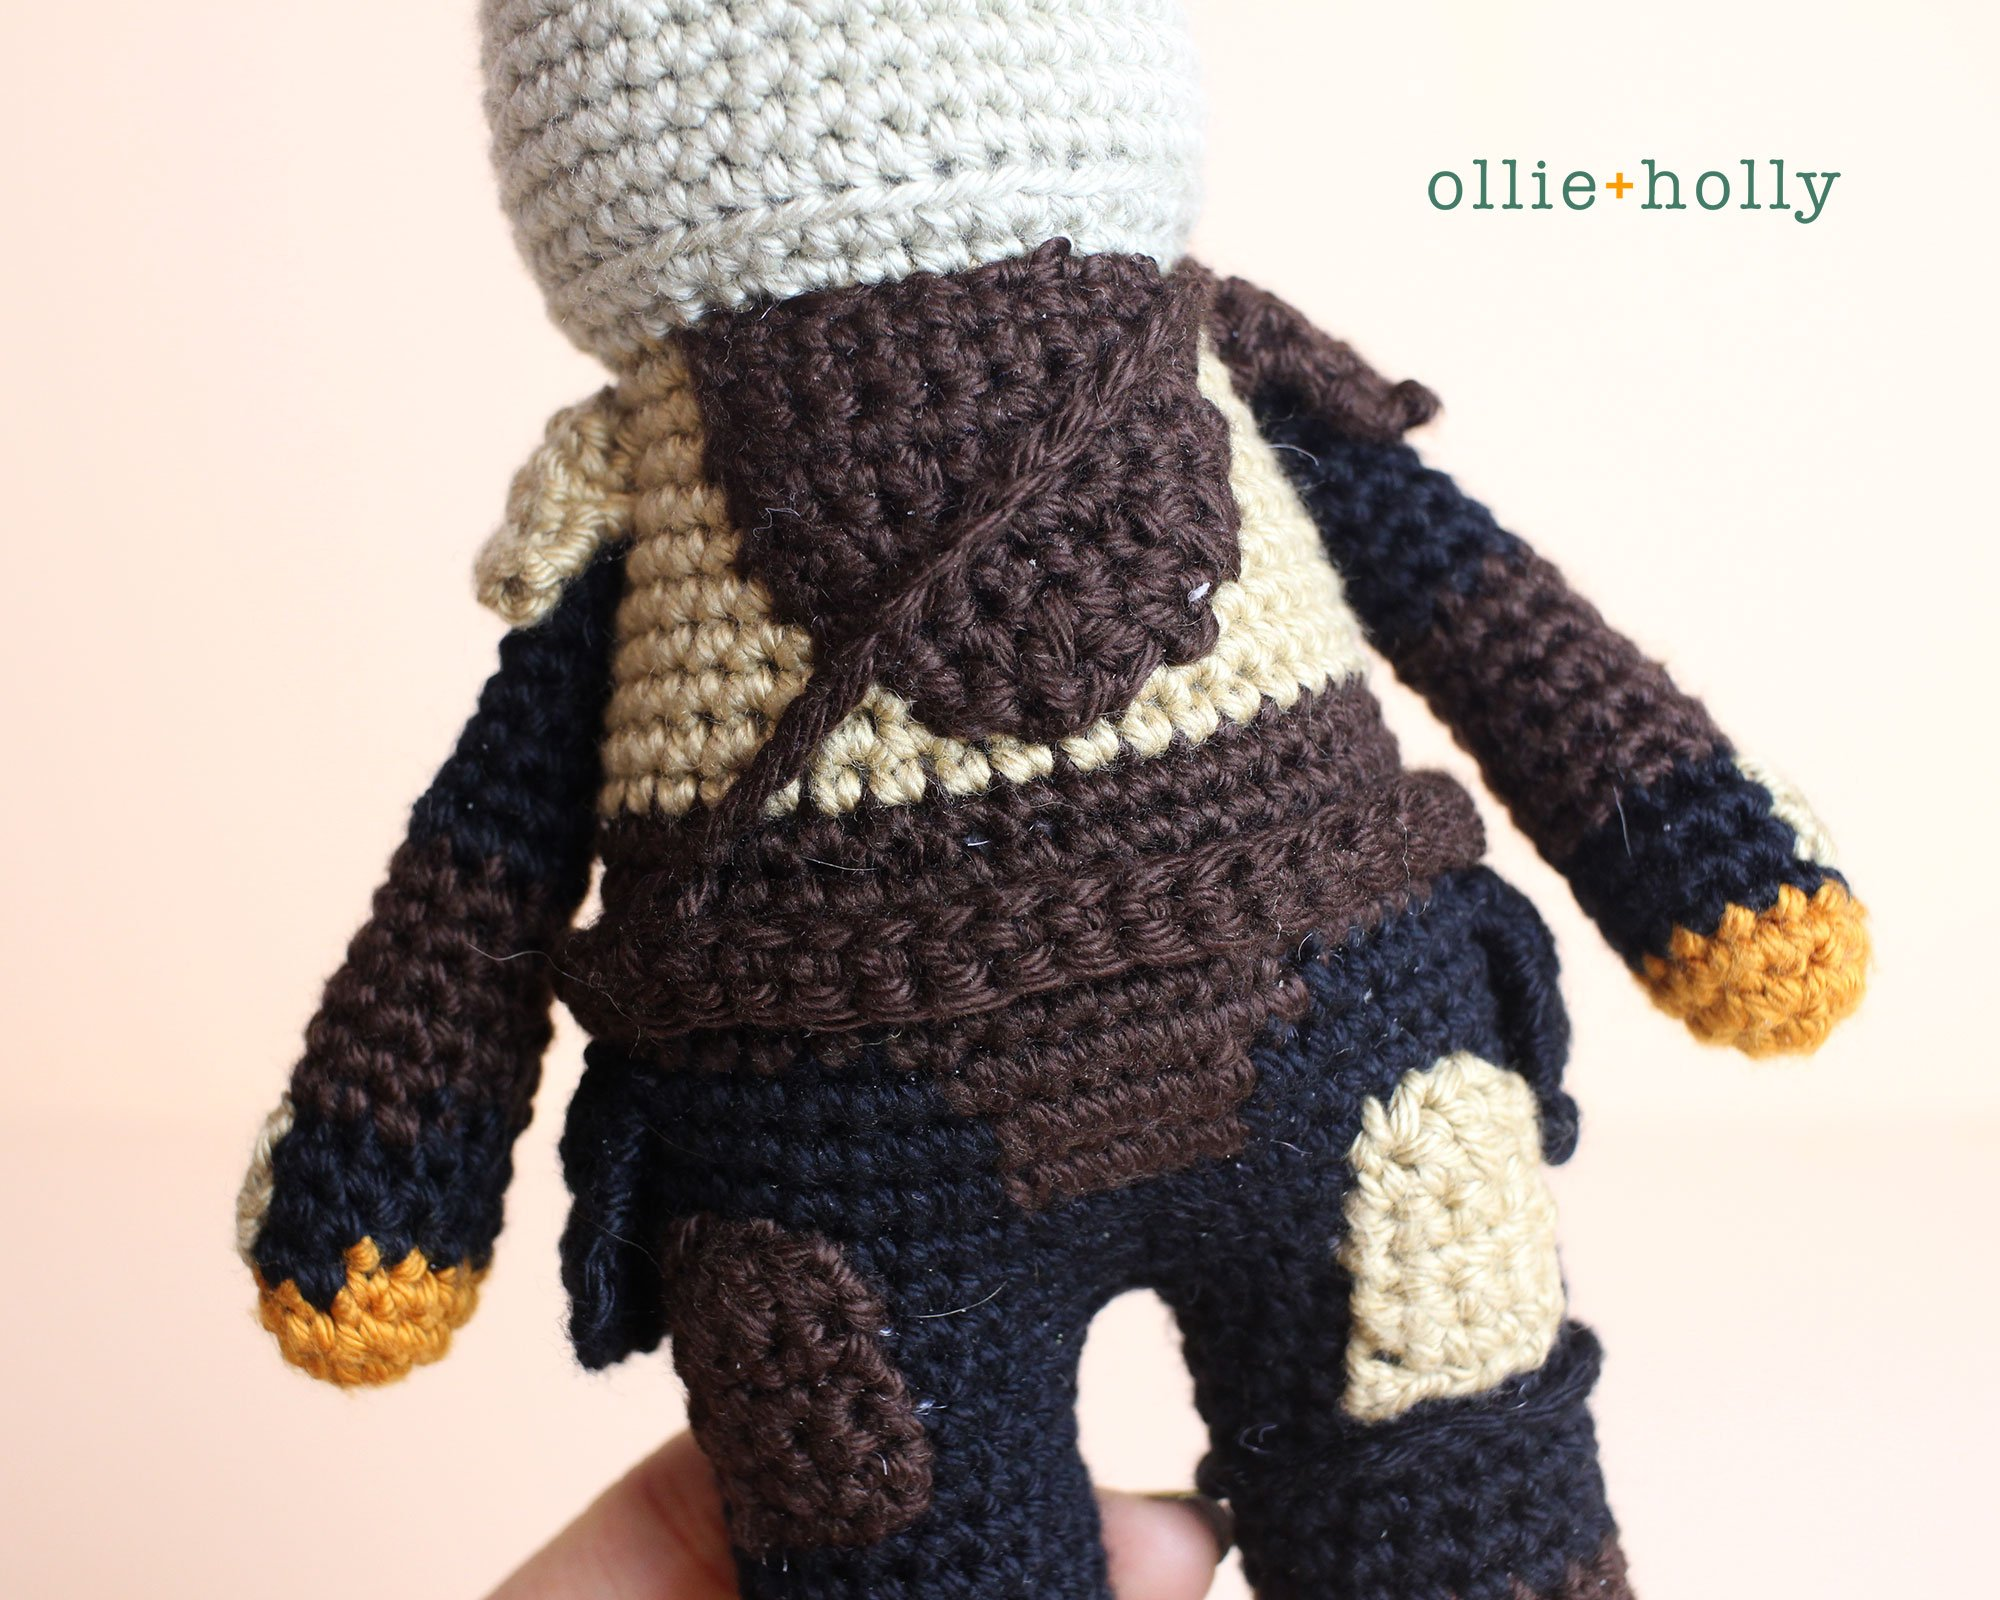 Free Mandalorian Din Djarin Amigurumi Crochet Pattern Assembly Step 9